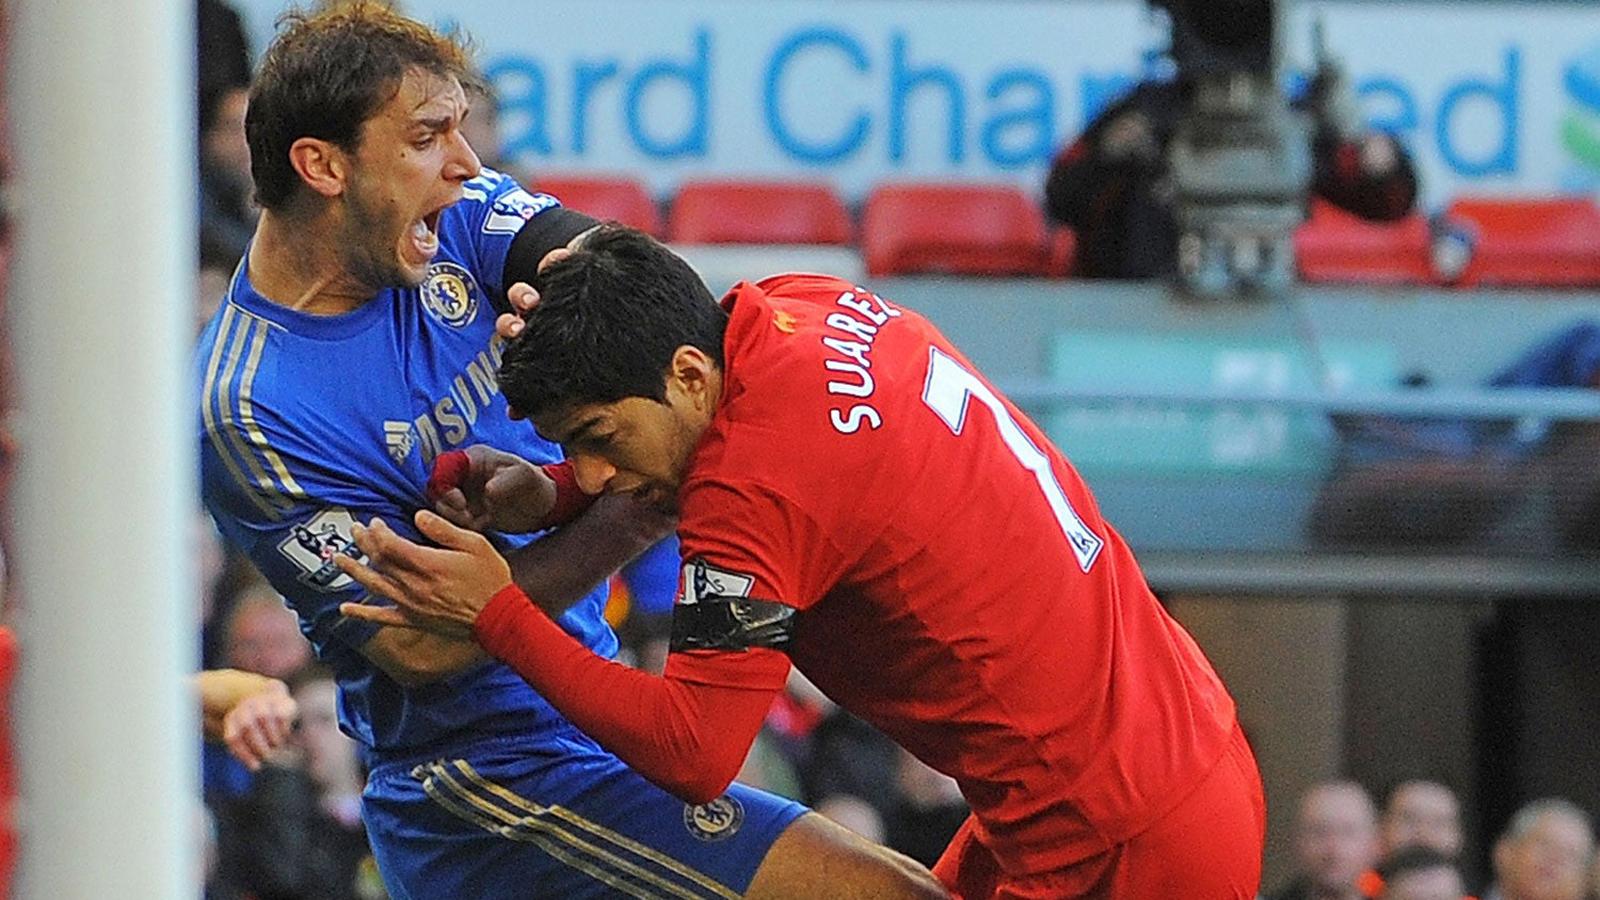 Luis Suarez: Siêu sao đáng thương hay kẻ phản diện bị ghét bỏ? - 8